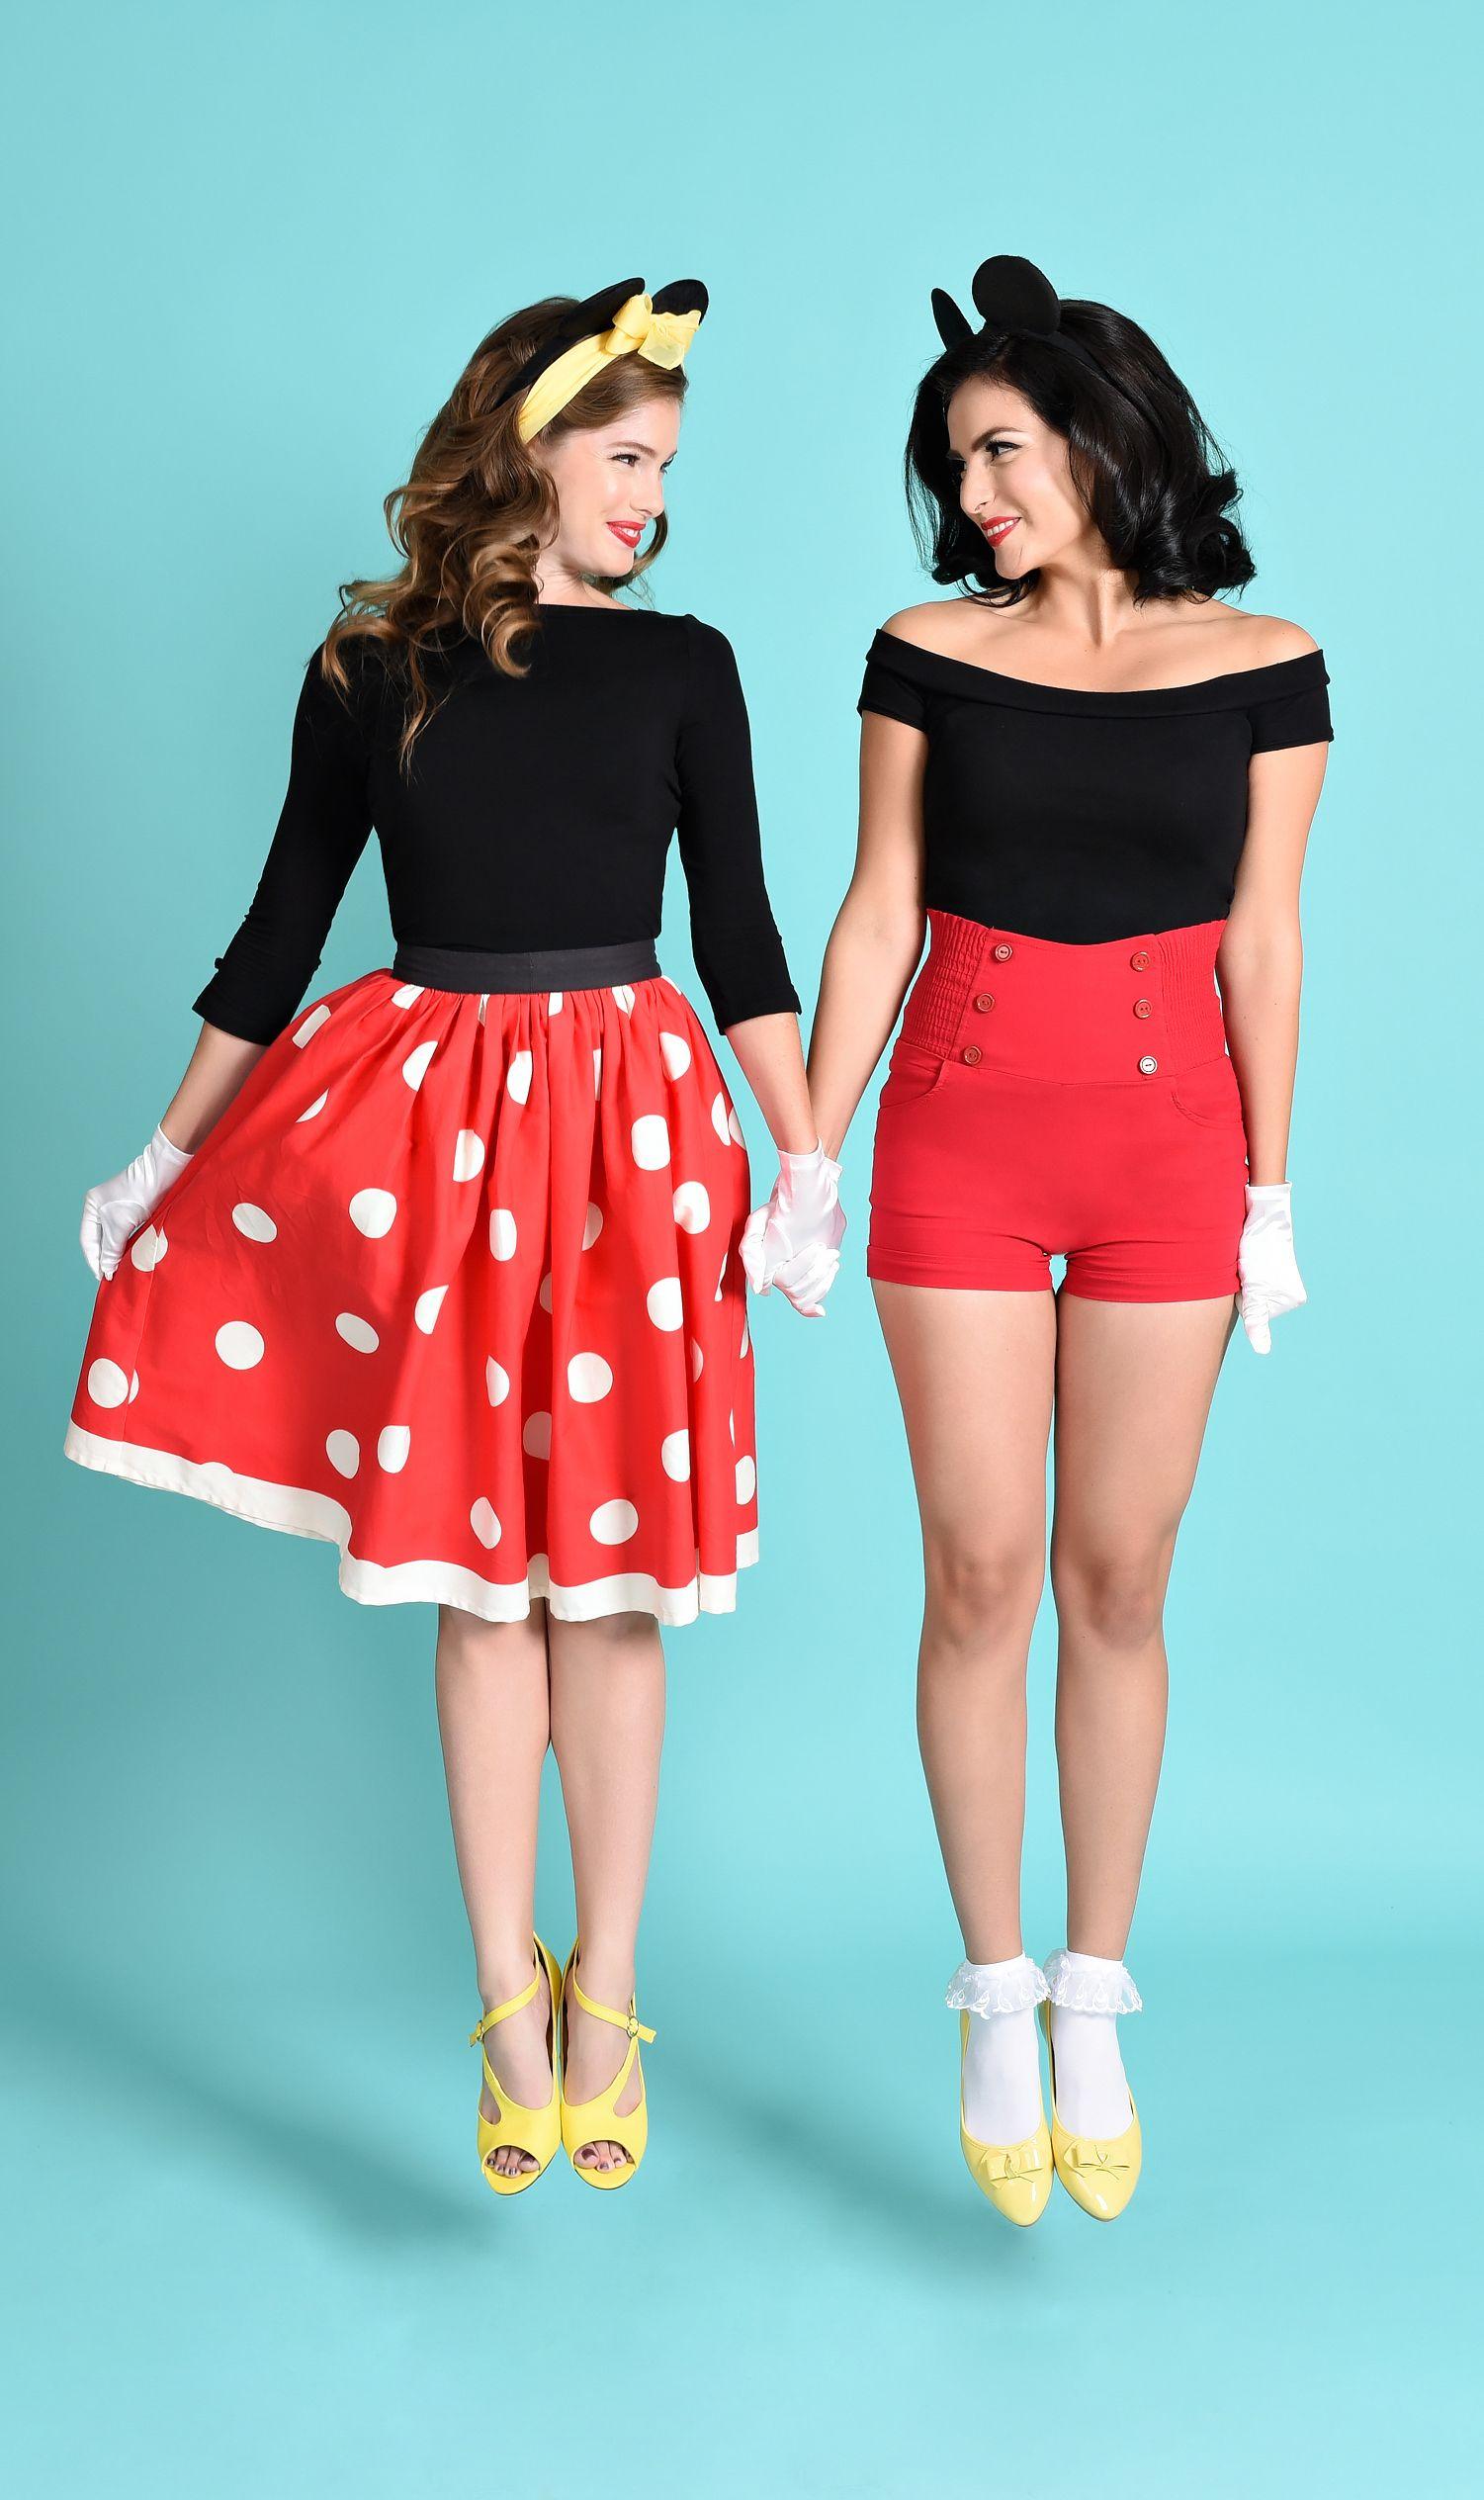 Minnie & Mickey Disneybound Cosplay | Disneybounding | Pinterest ...